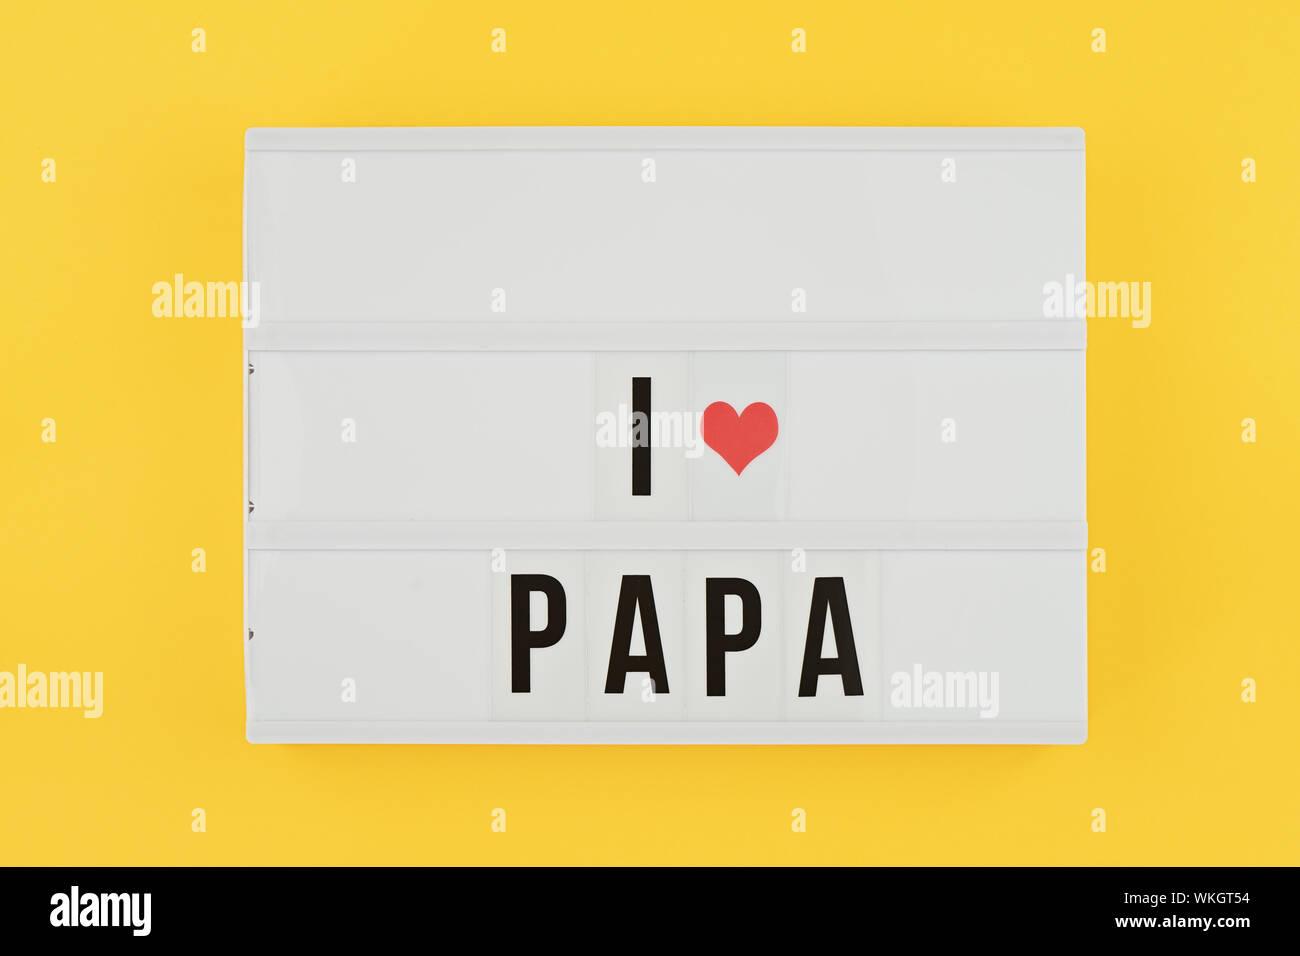 I Padri felice giorno appartamento laici. Lightbox con testo mi amore papa su sfondo giallo con cuore rosso. Biglietto di auguri per celebrare la festa del papà Foto Stock